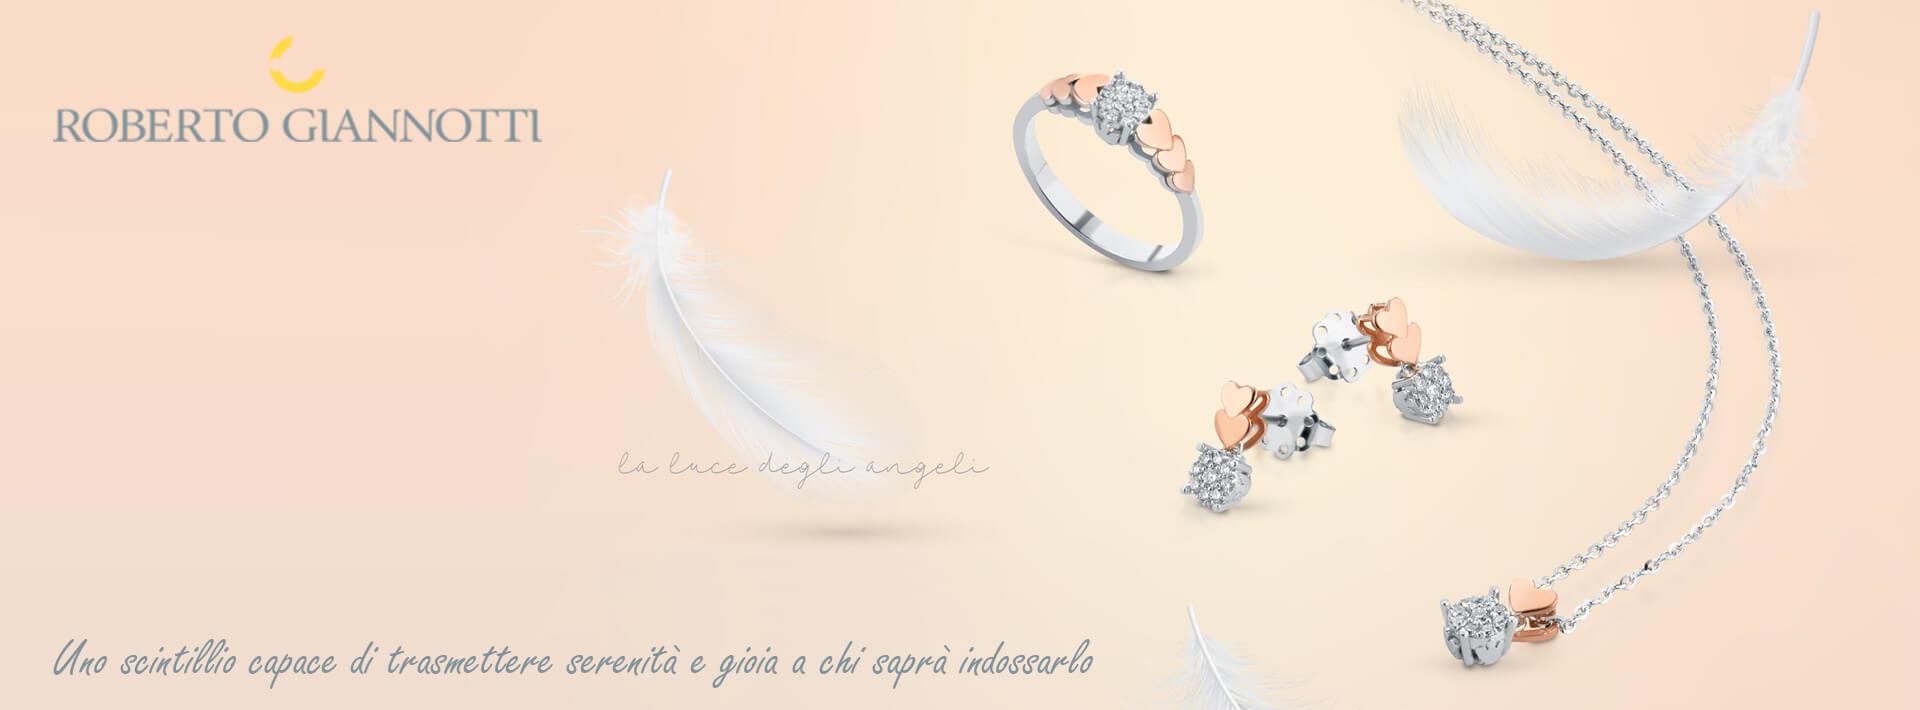 Roberto Giannotti gioielli Bellipario Gioielleria; Bracciali, collane, anelli, parure in oro e diamanti.